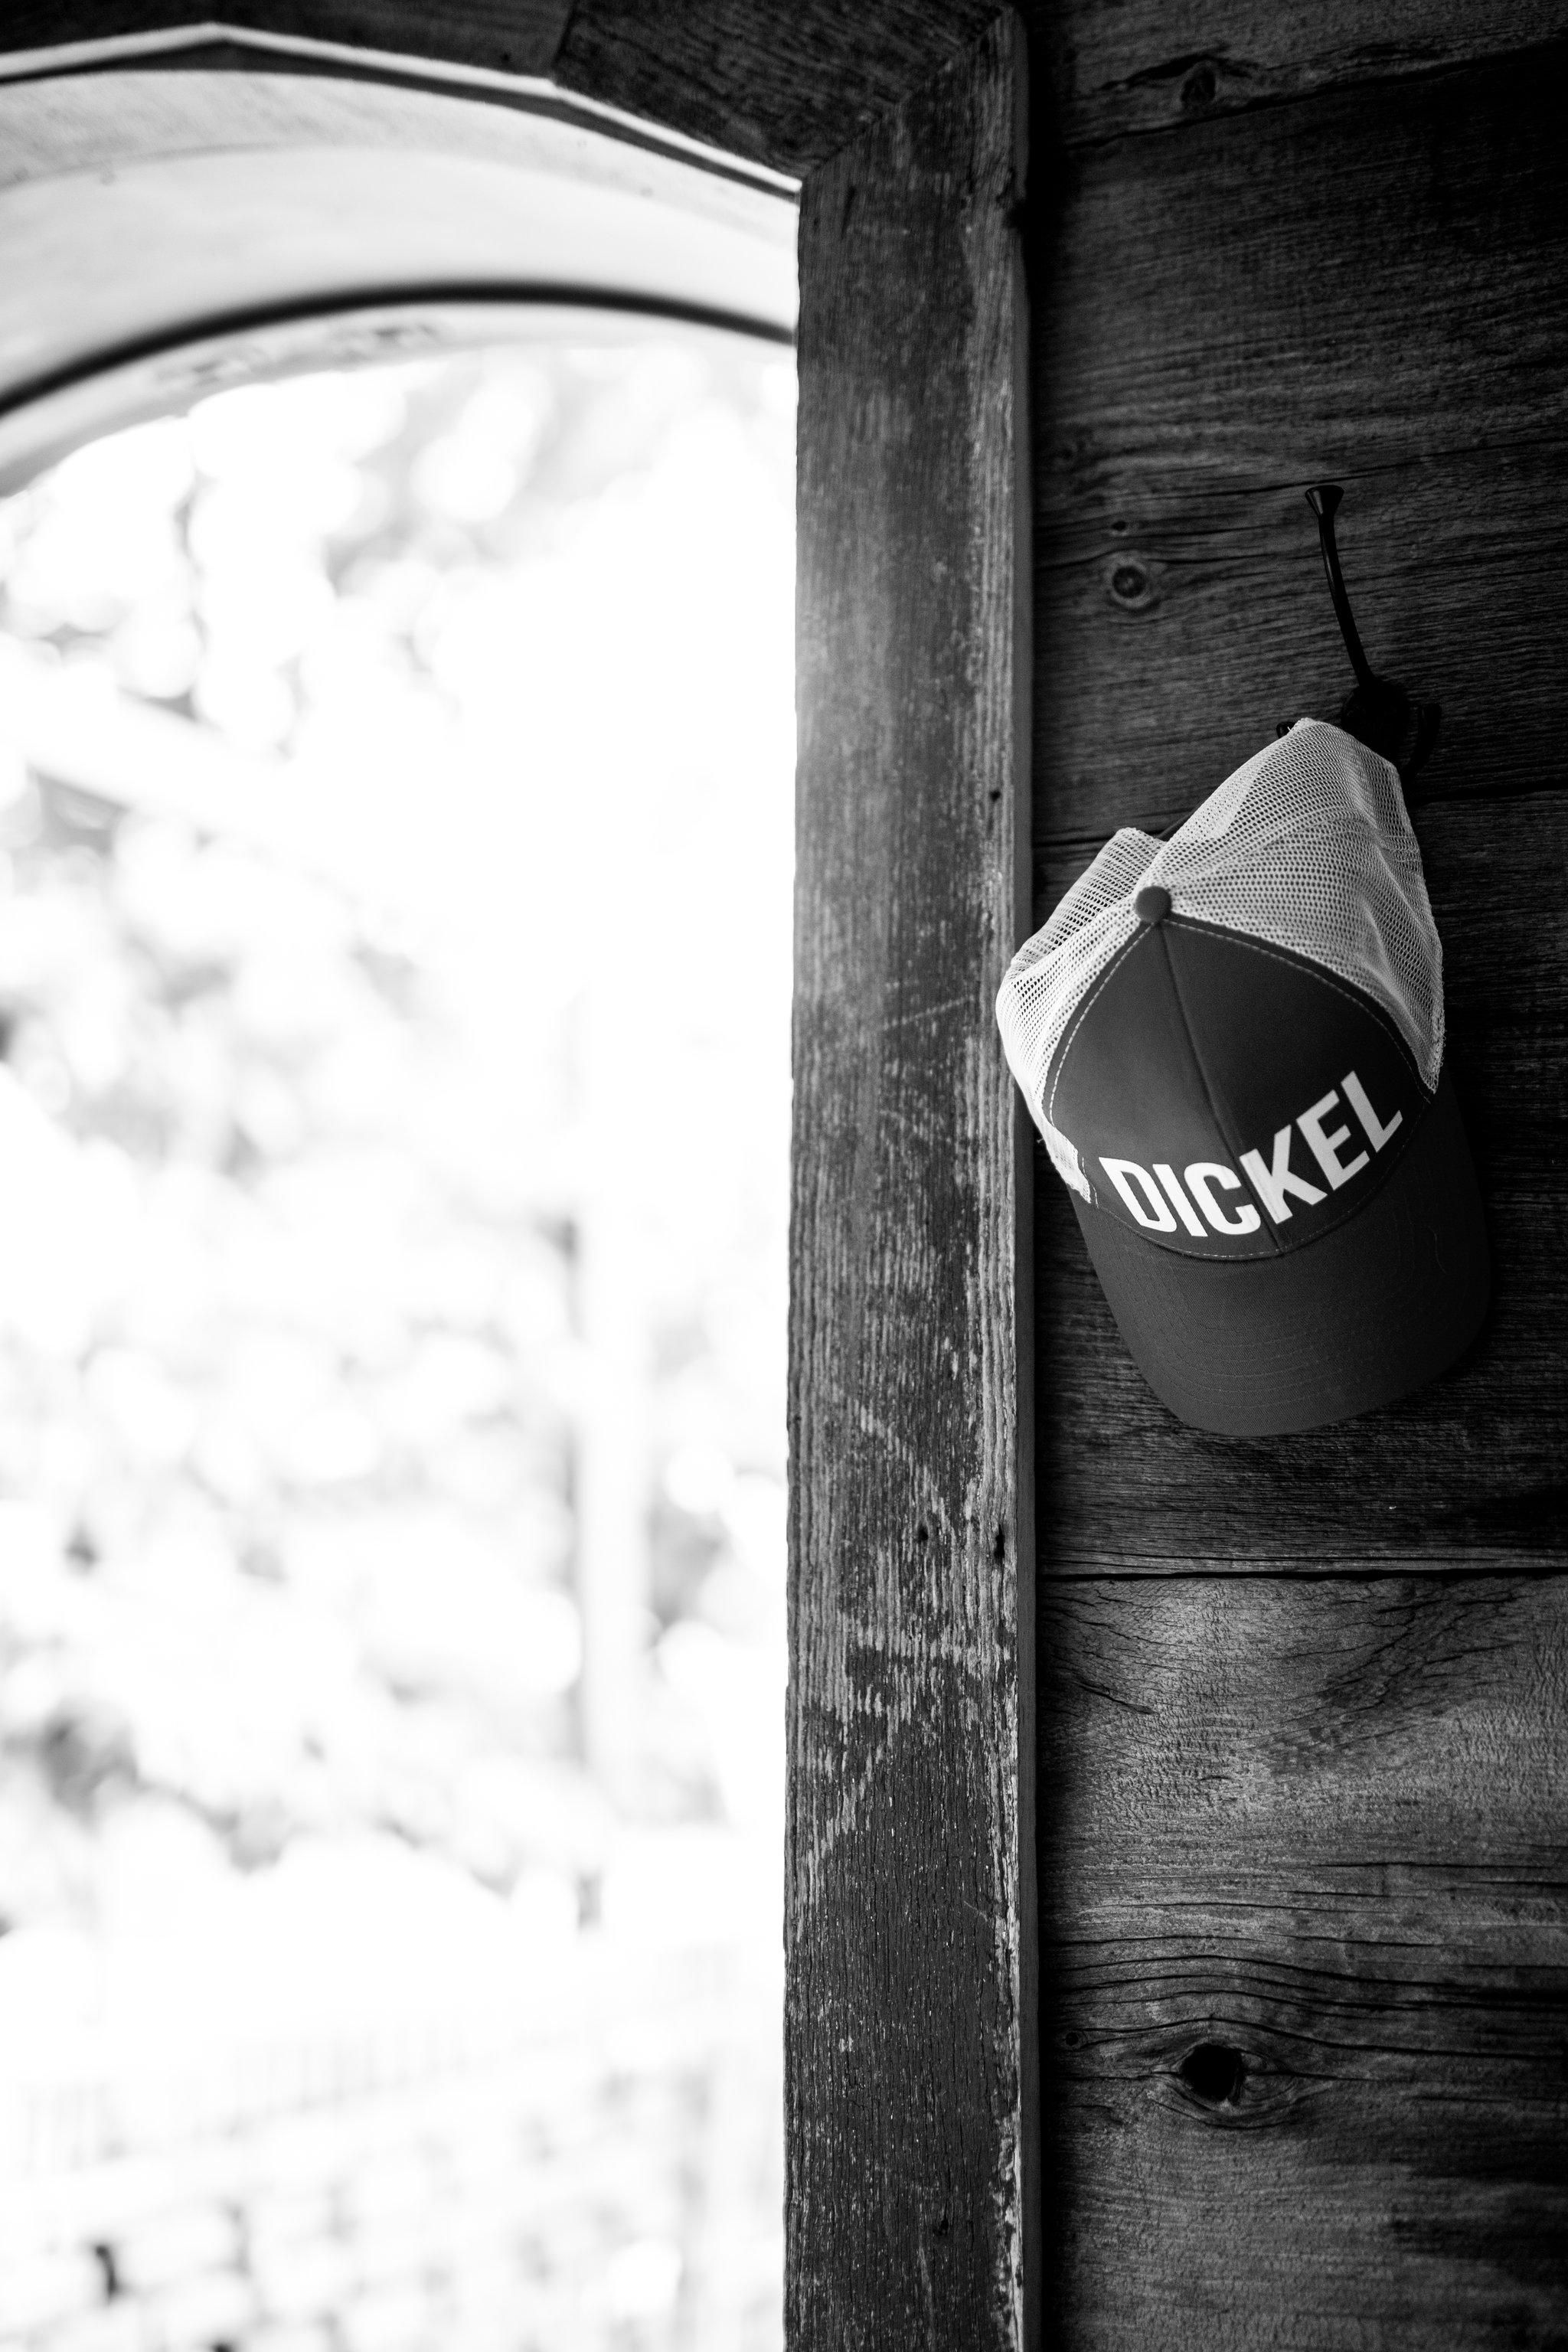 Dickel_Husk_Brewer-75.jpg